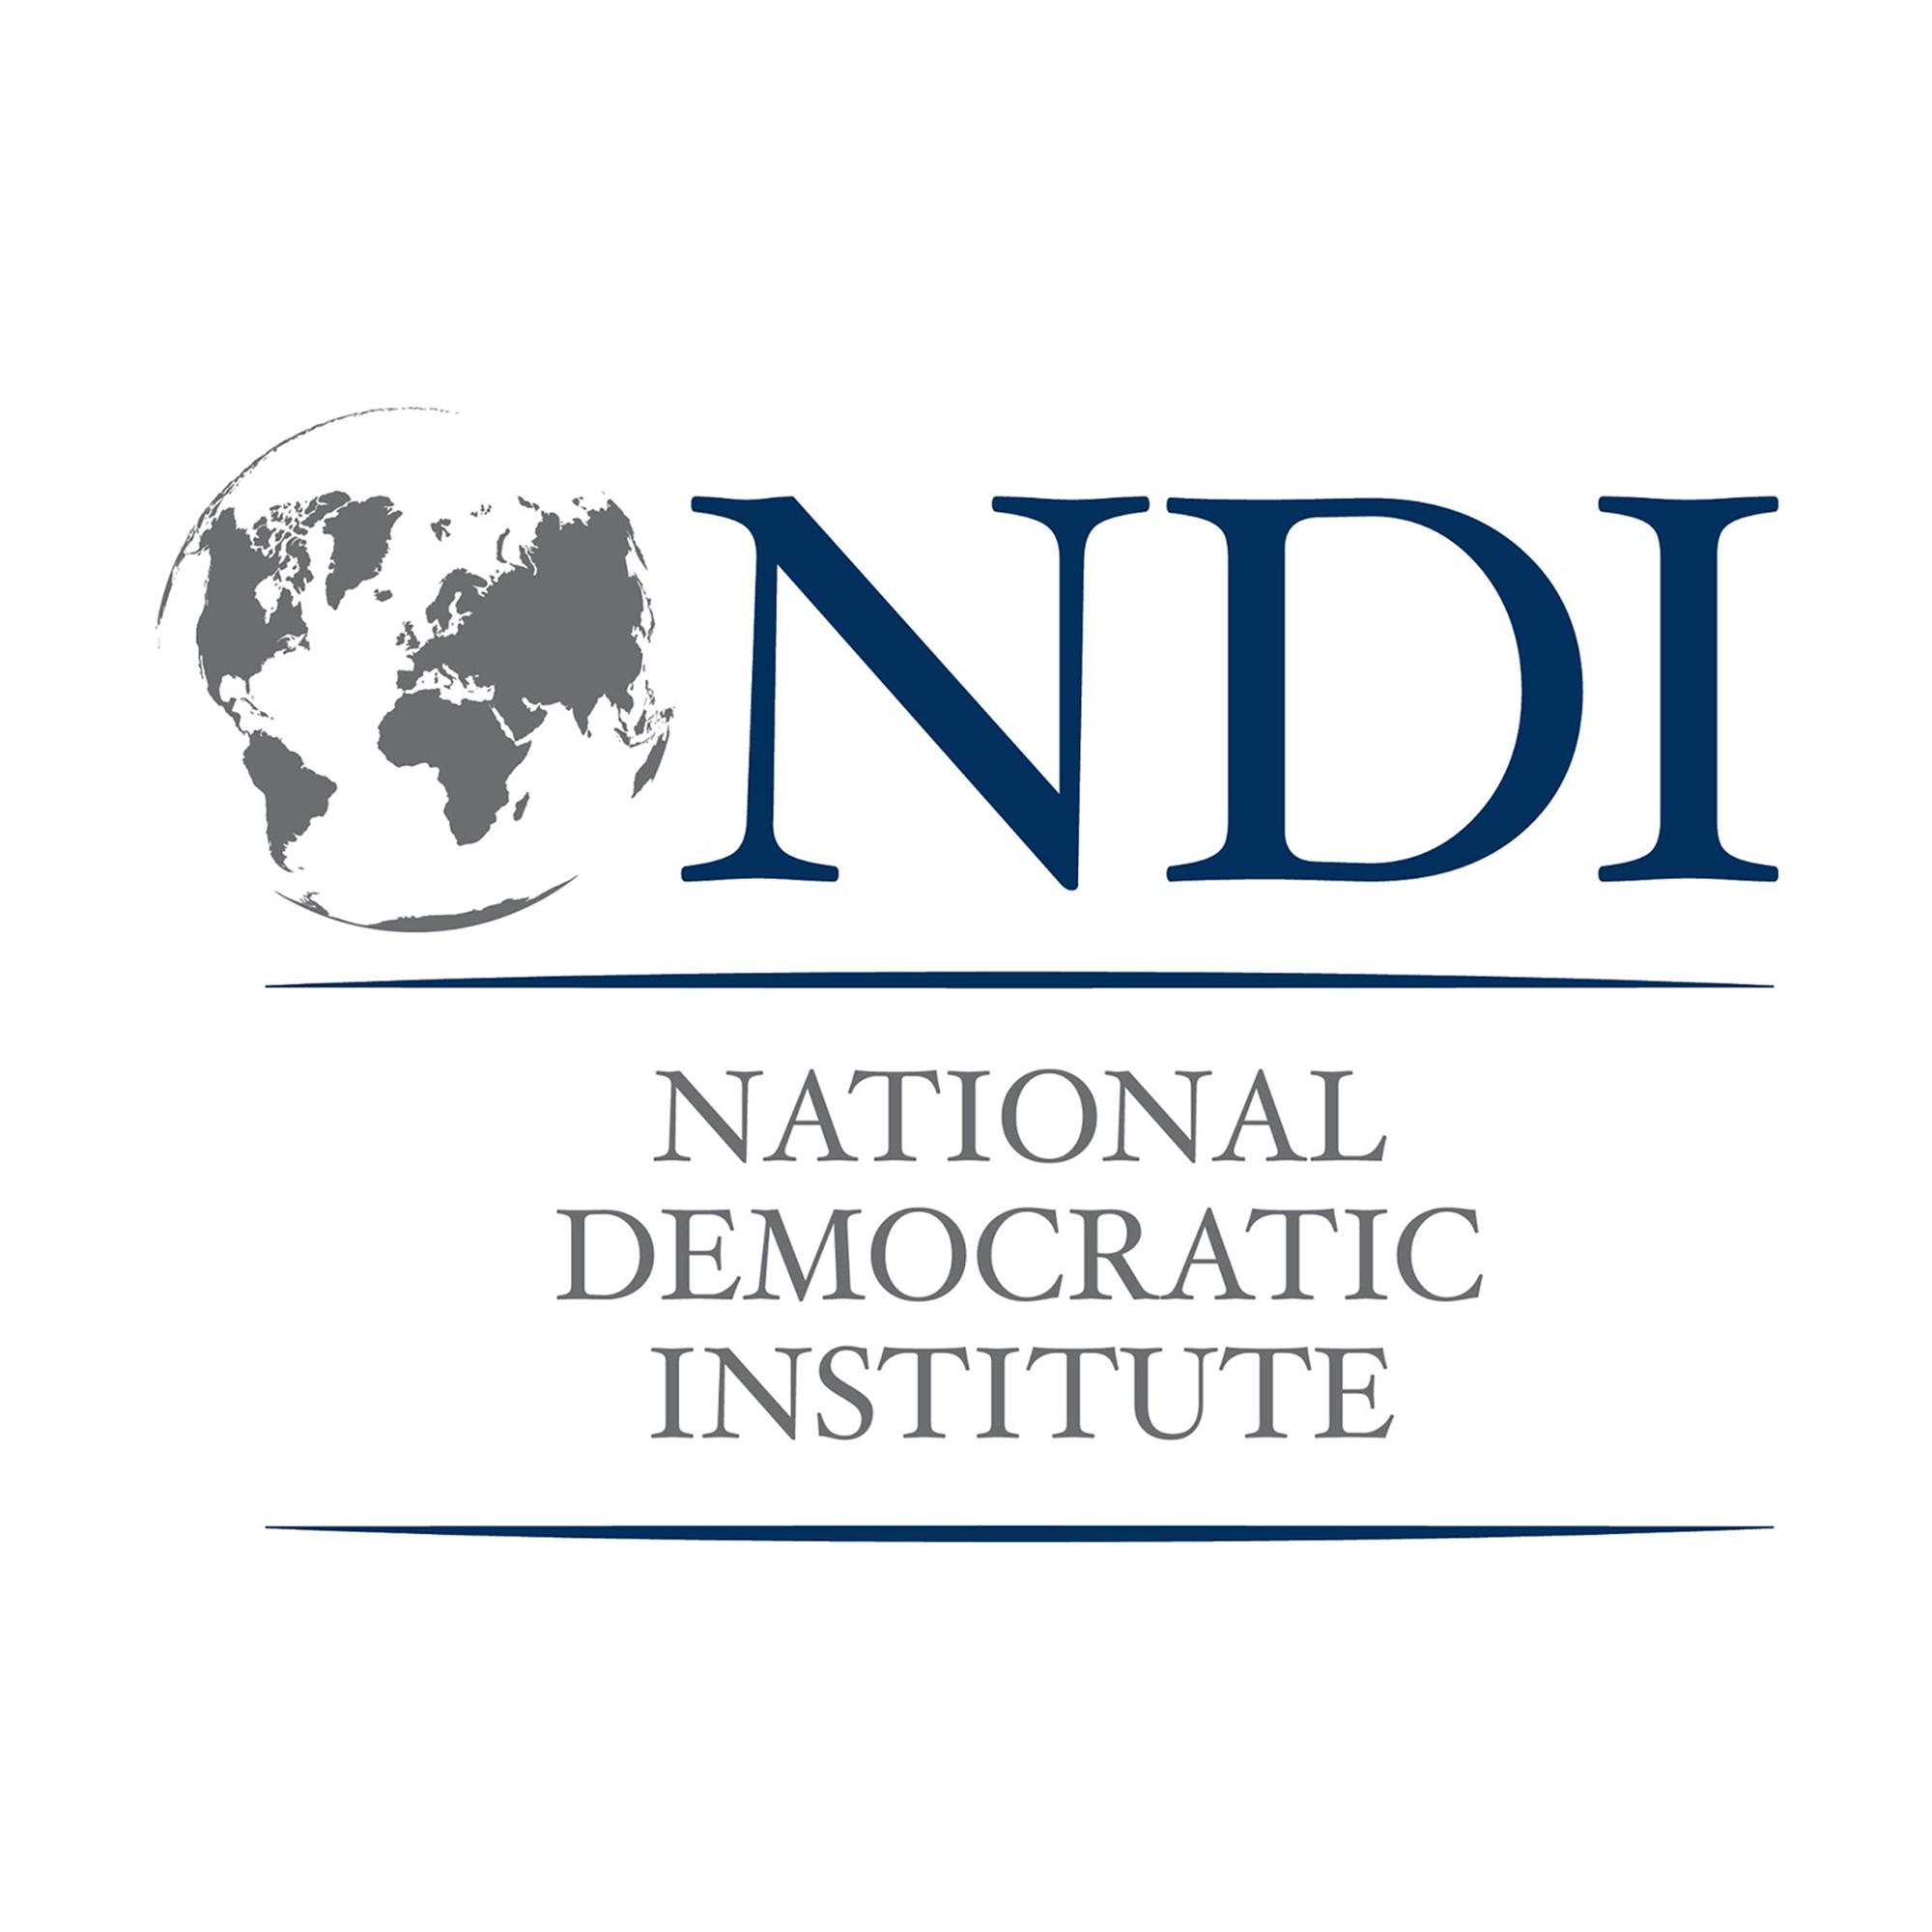 Национальный демократический институт (NDI)